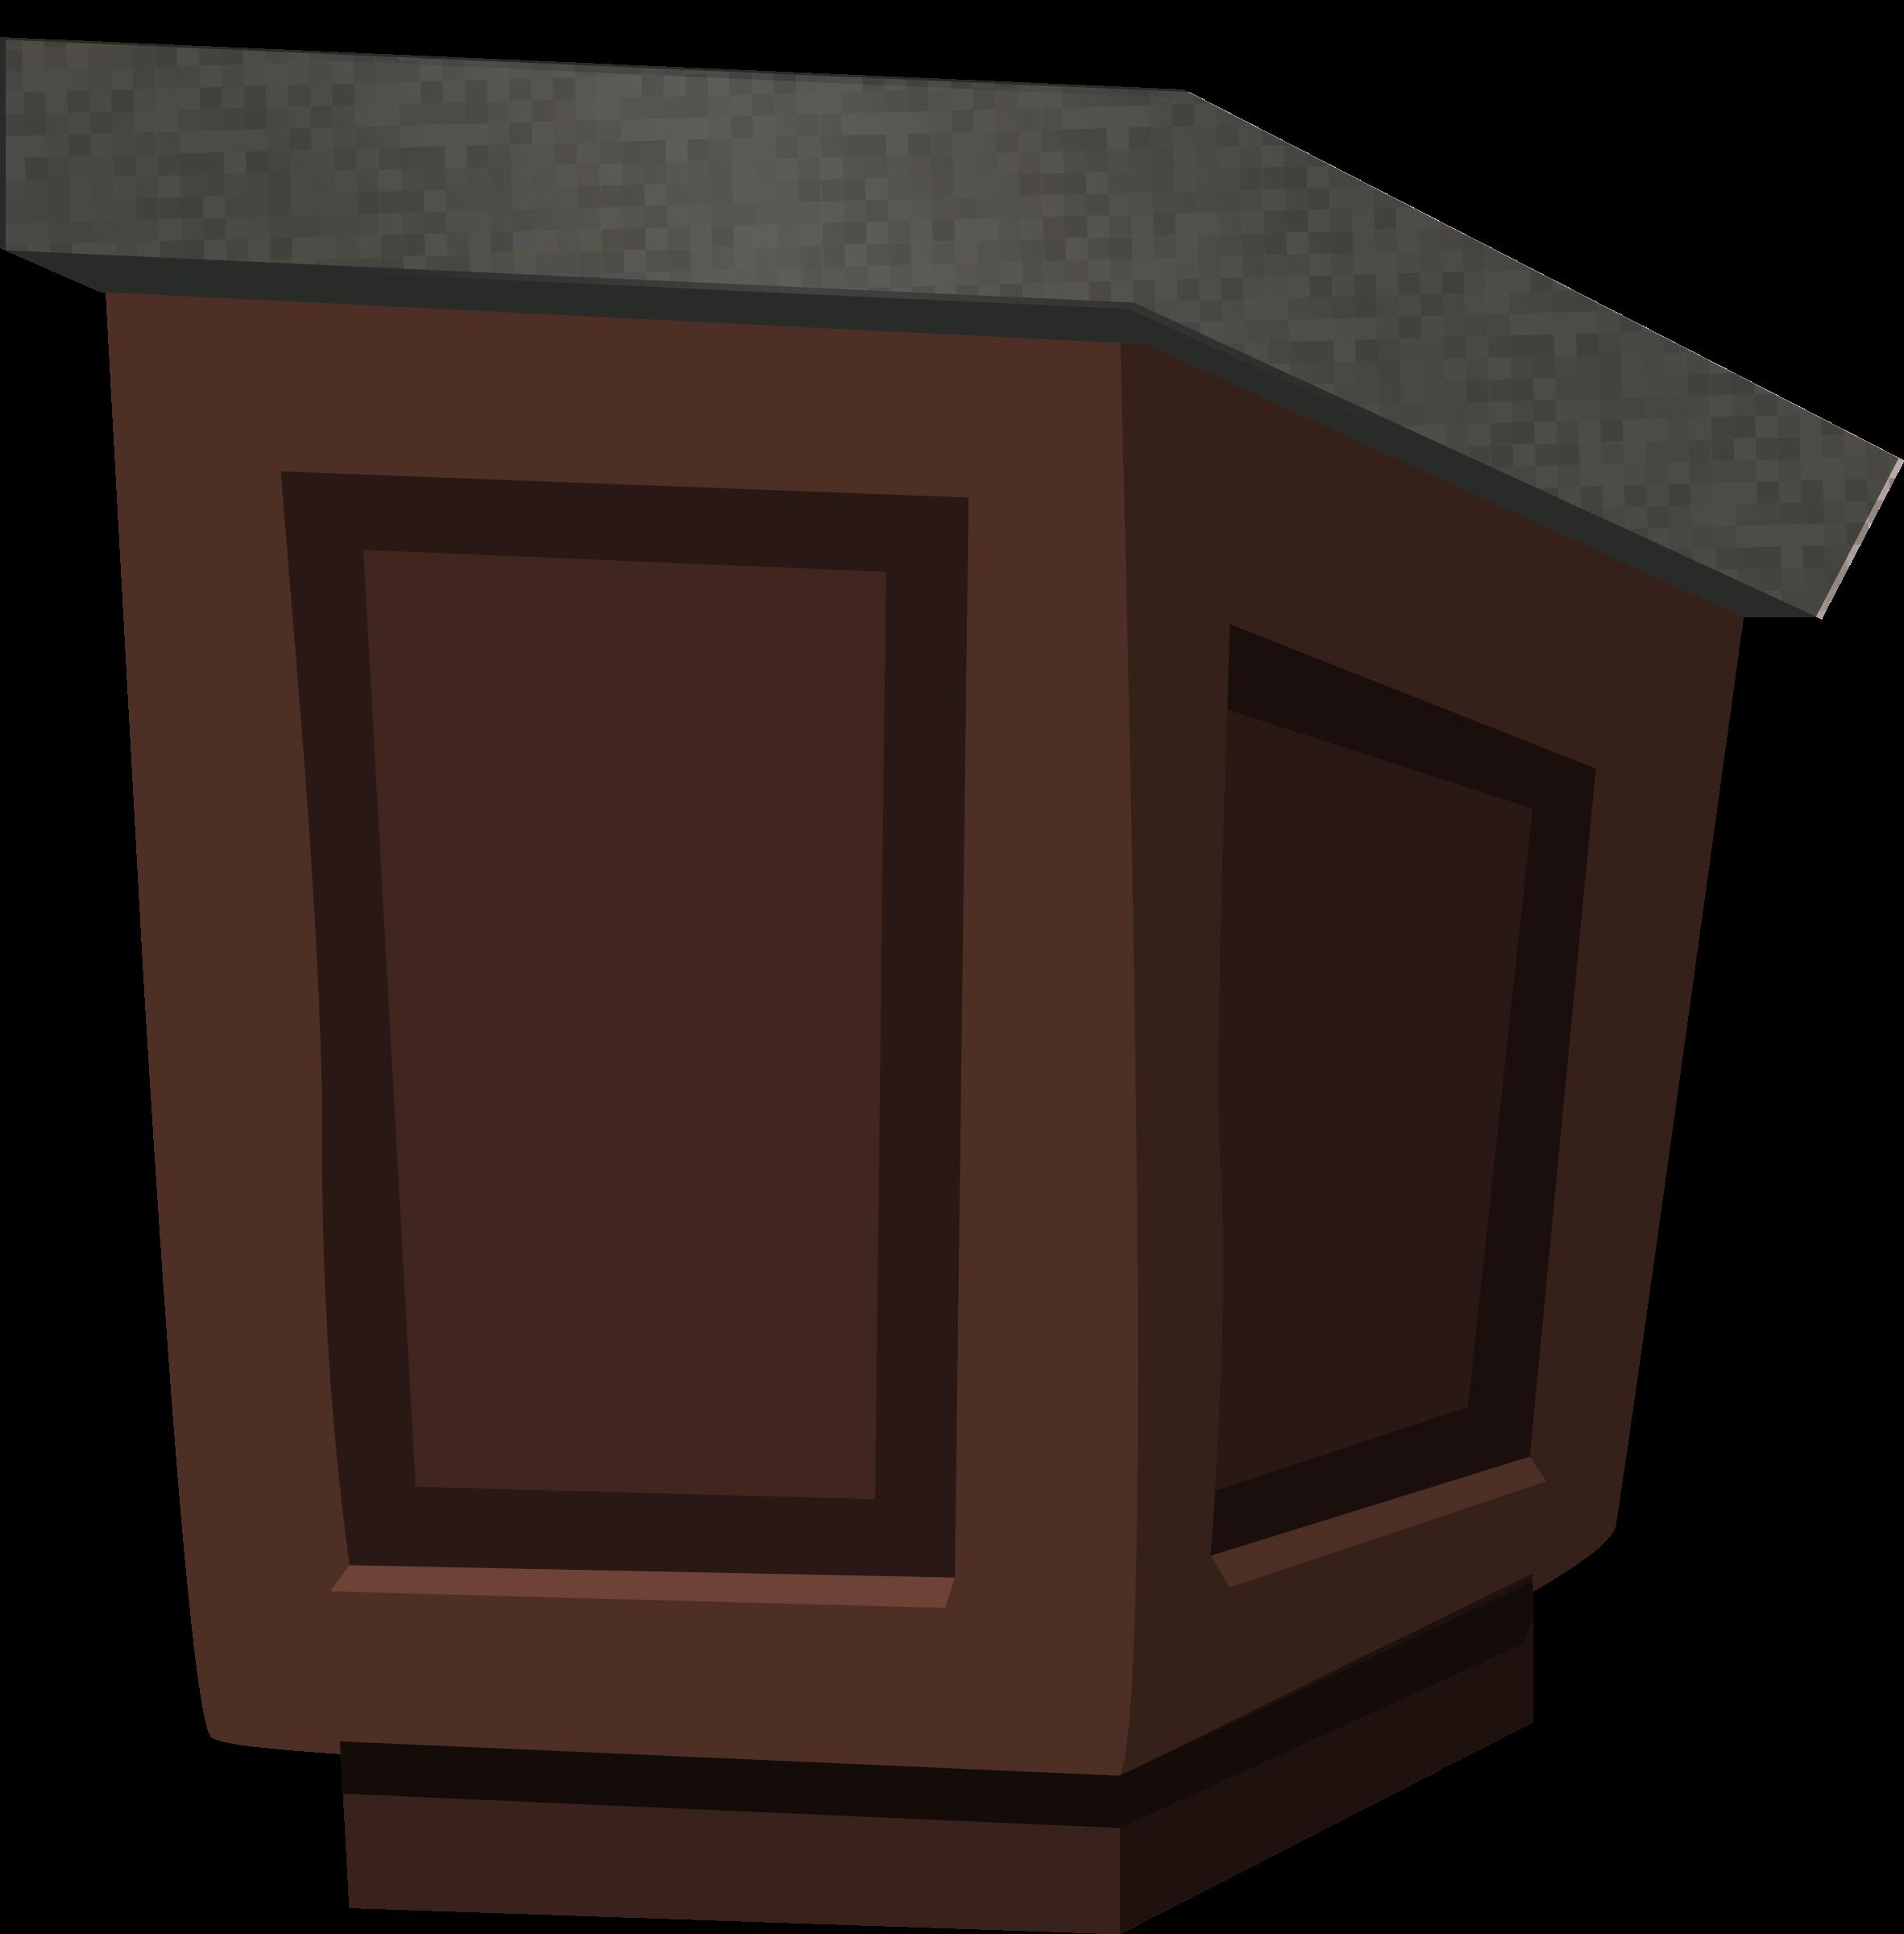 Podium clipart speech podium. Wood with granite top